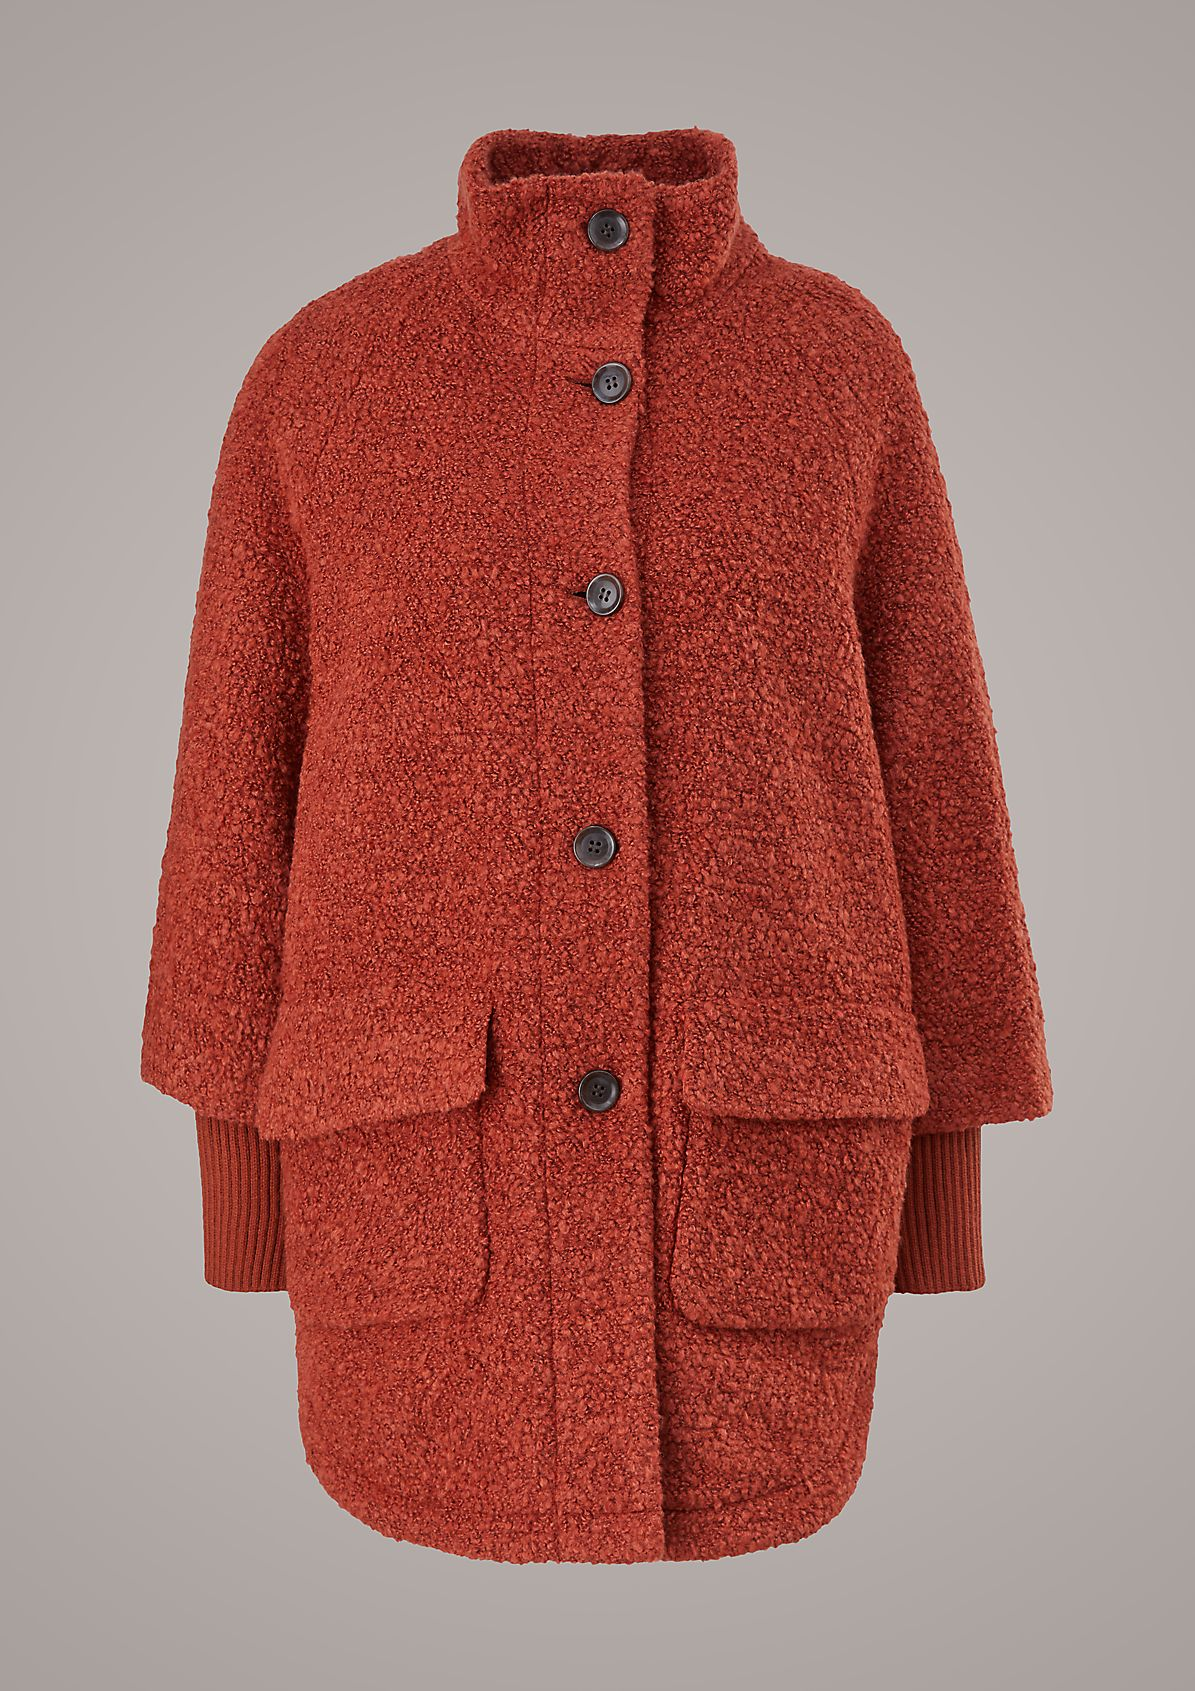 Mantel aus Teddy-Plüsch